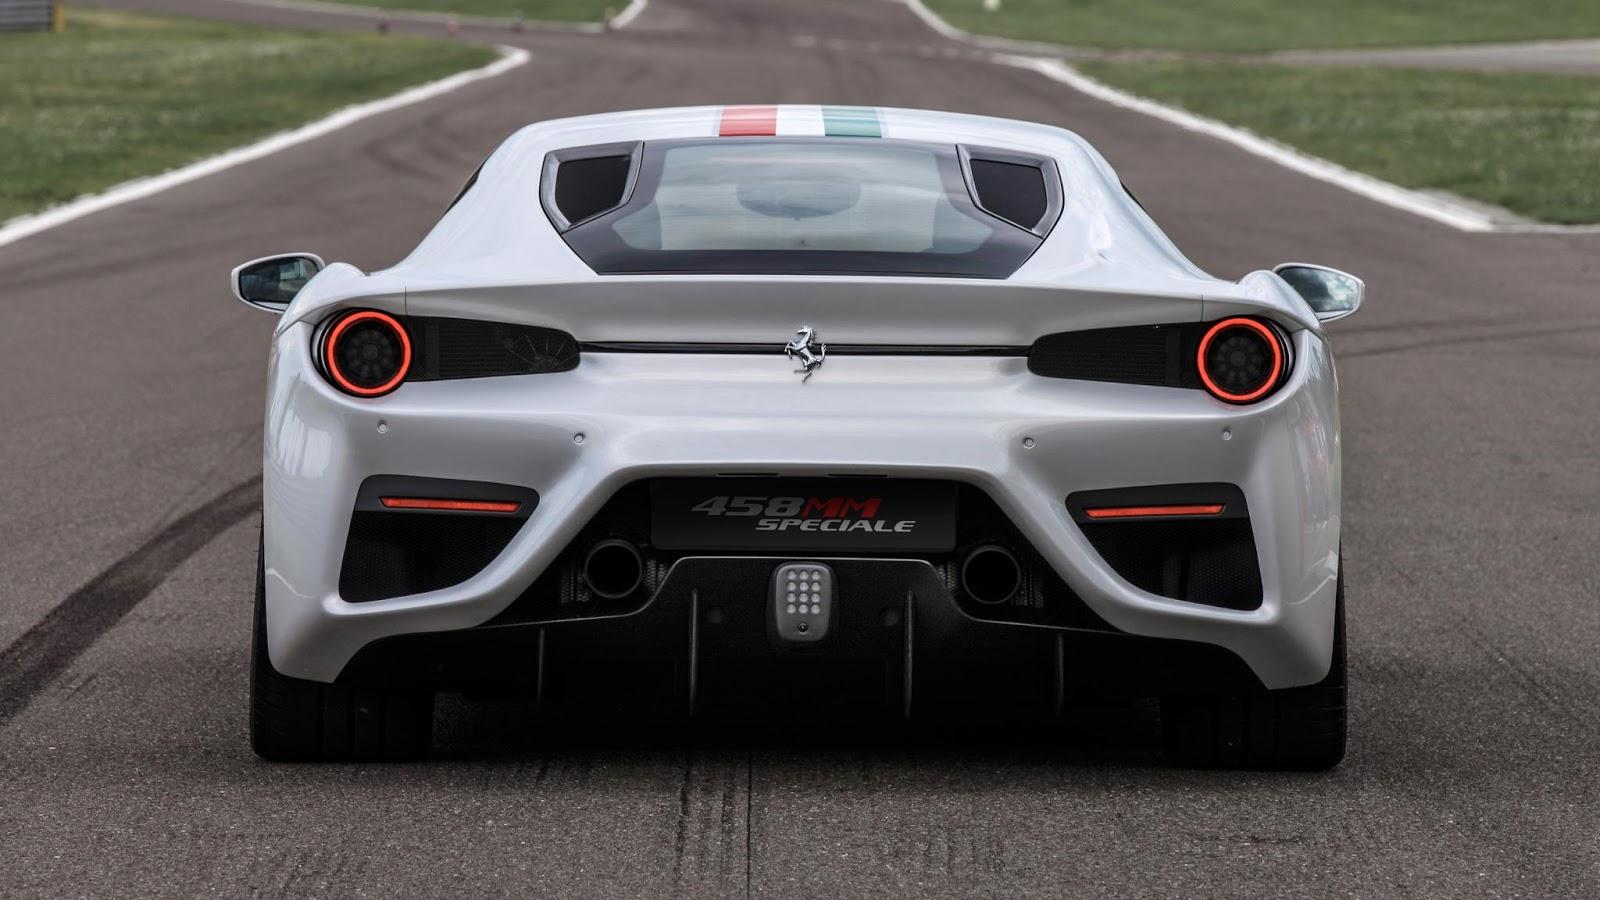 Siêu xe Ferrari 458 MM Speciale chính thức lộ diện